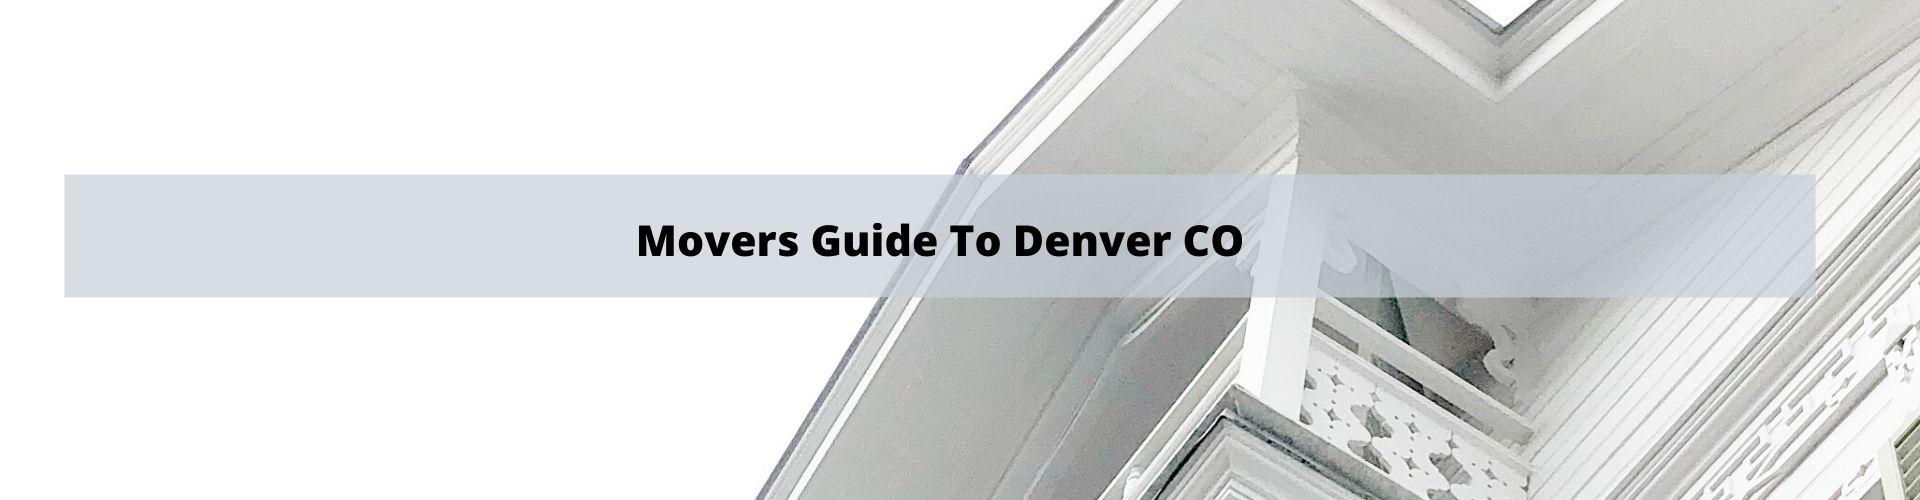 Movers Guide To Denver Colorado